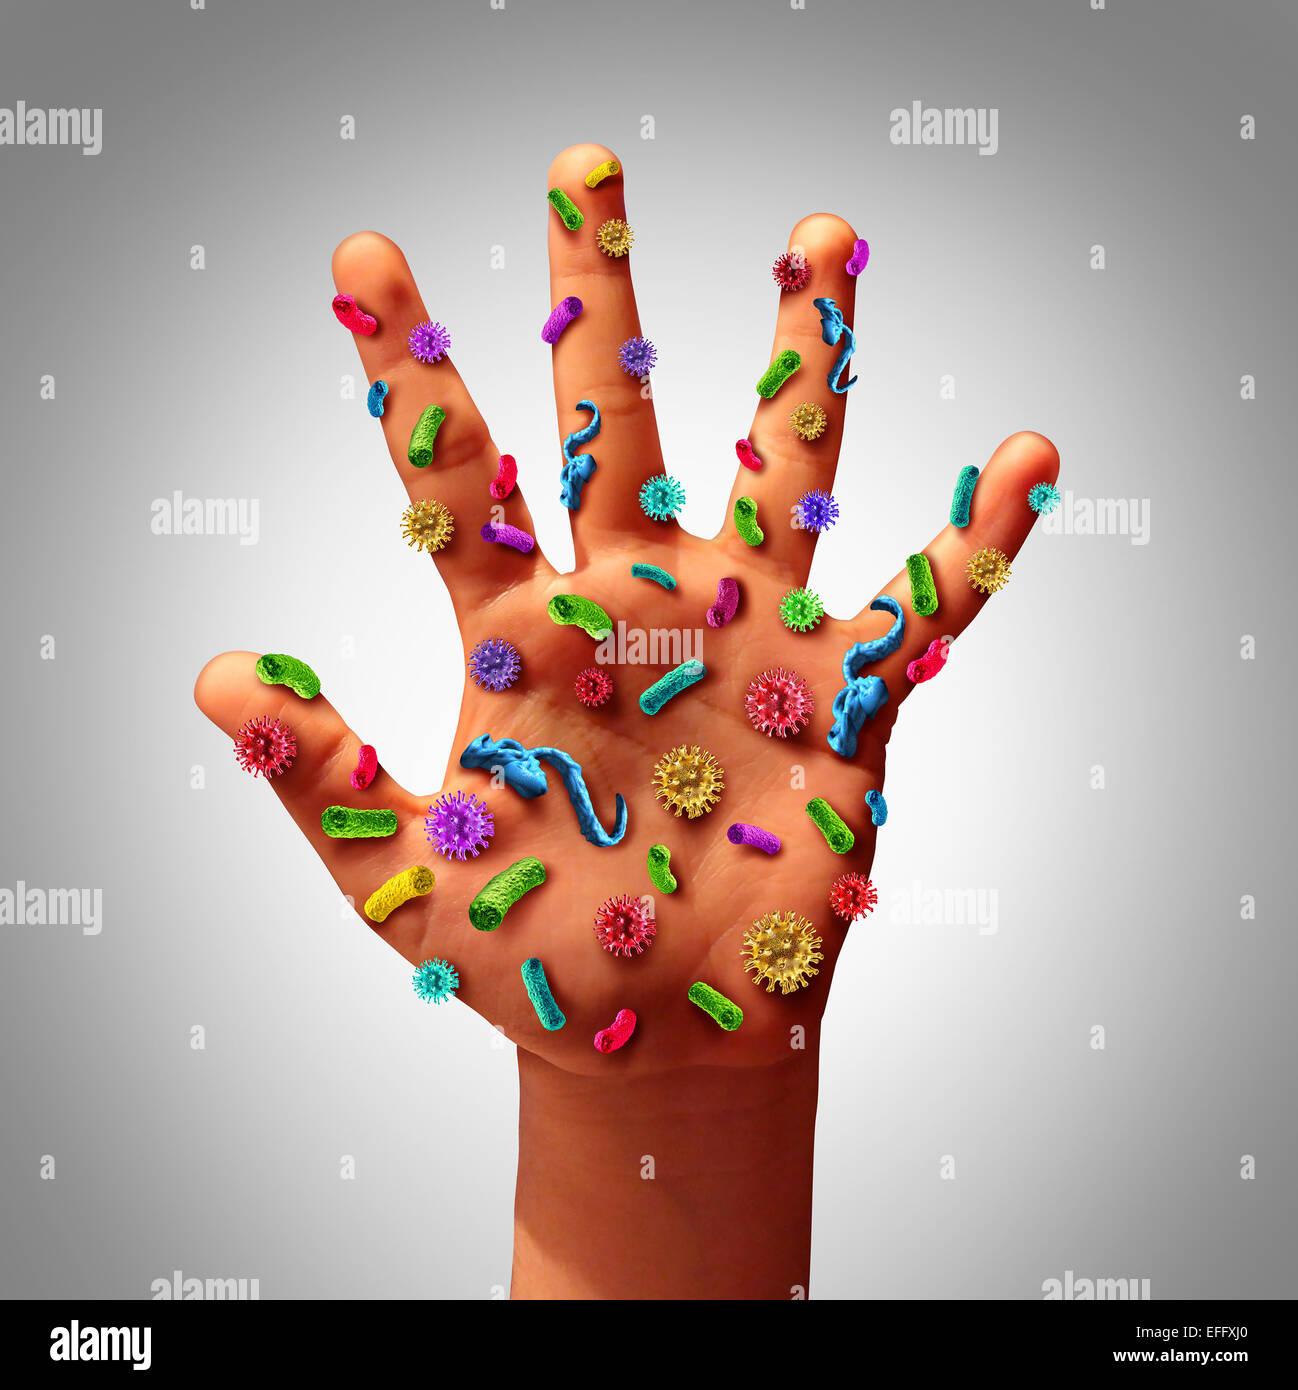 Germi a mano la diffusione della malattia e i pericoli di diffusione della malattia in pubblico come una cura di Immagini Stock